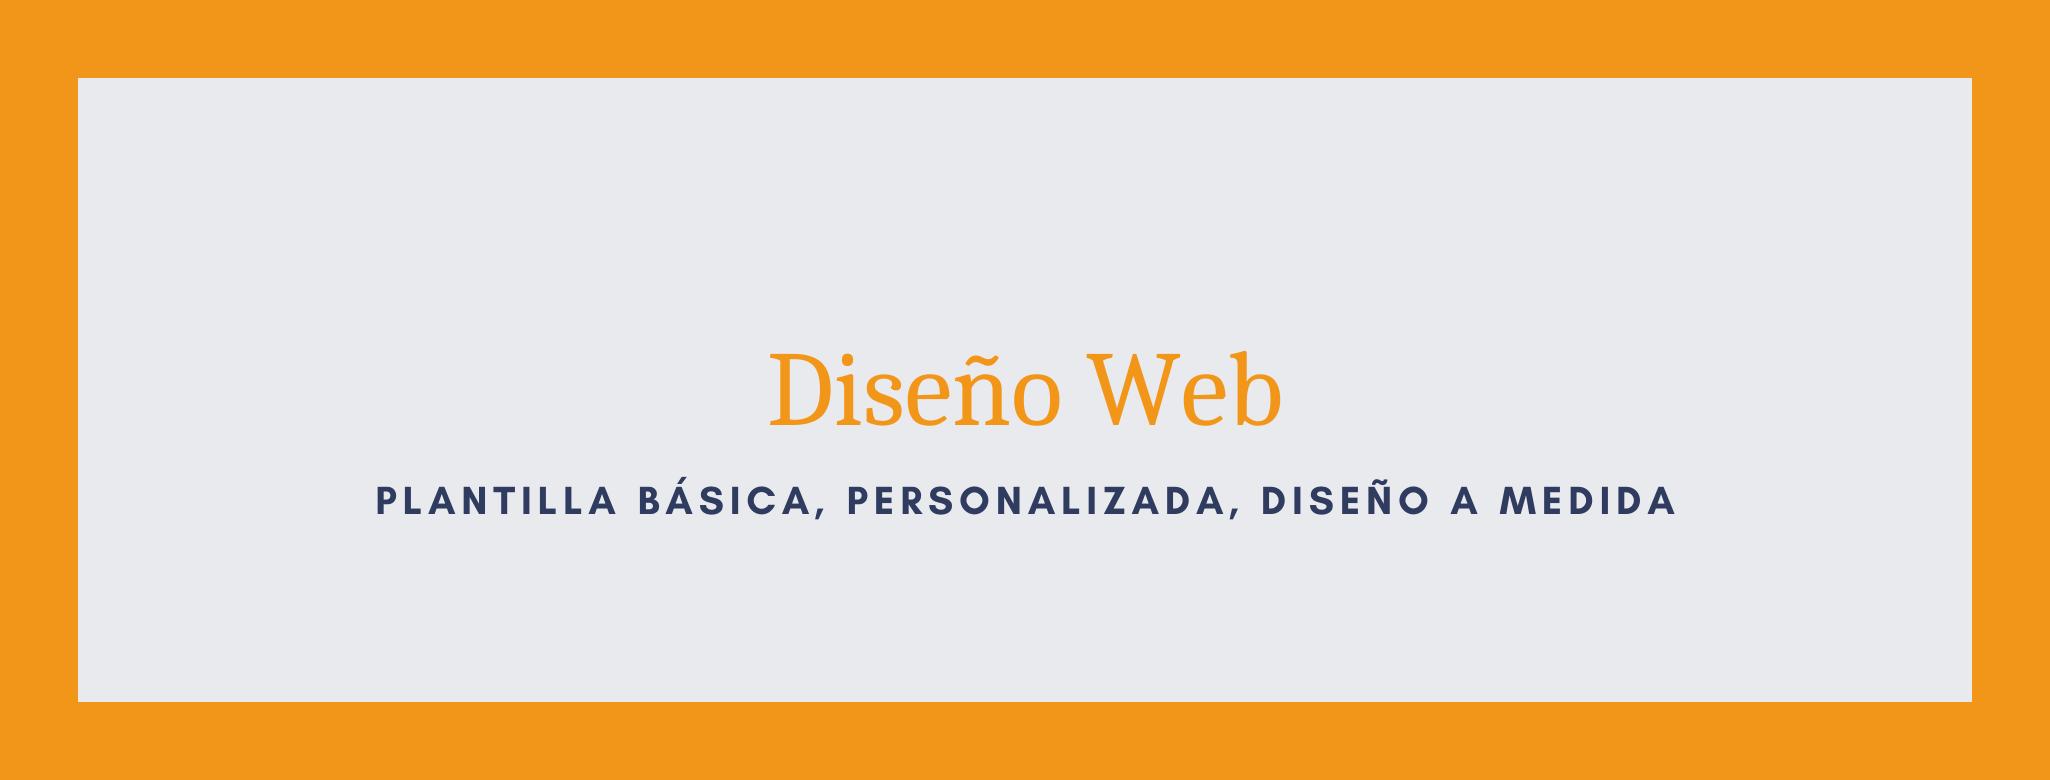 El diseño web va a afectar al precio de una tienda online con Prestashop.